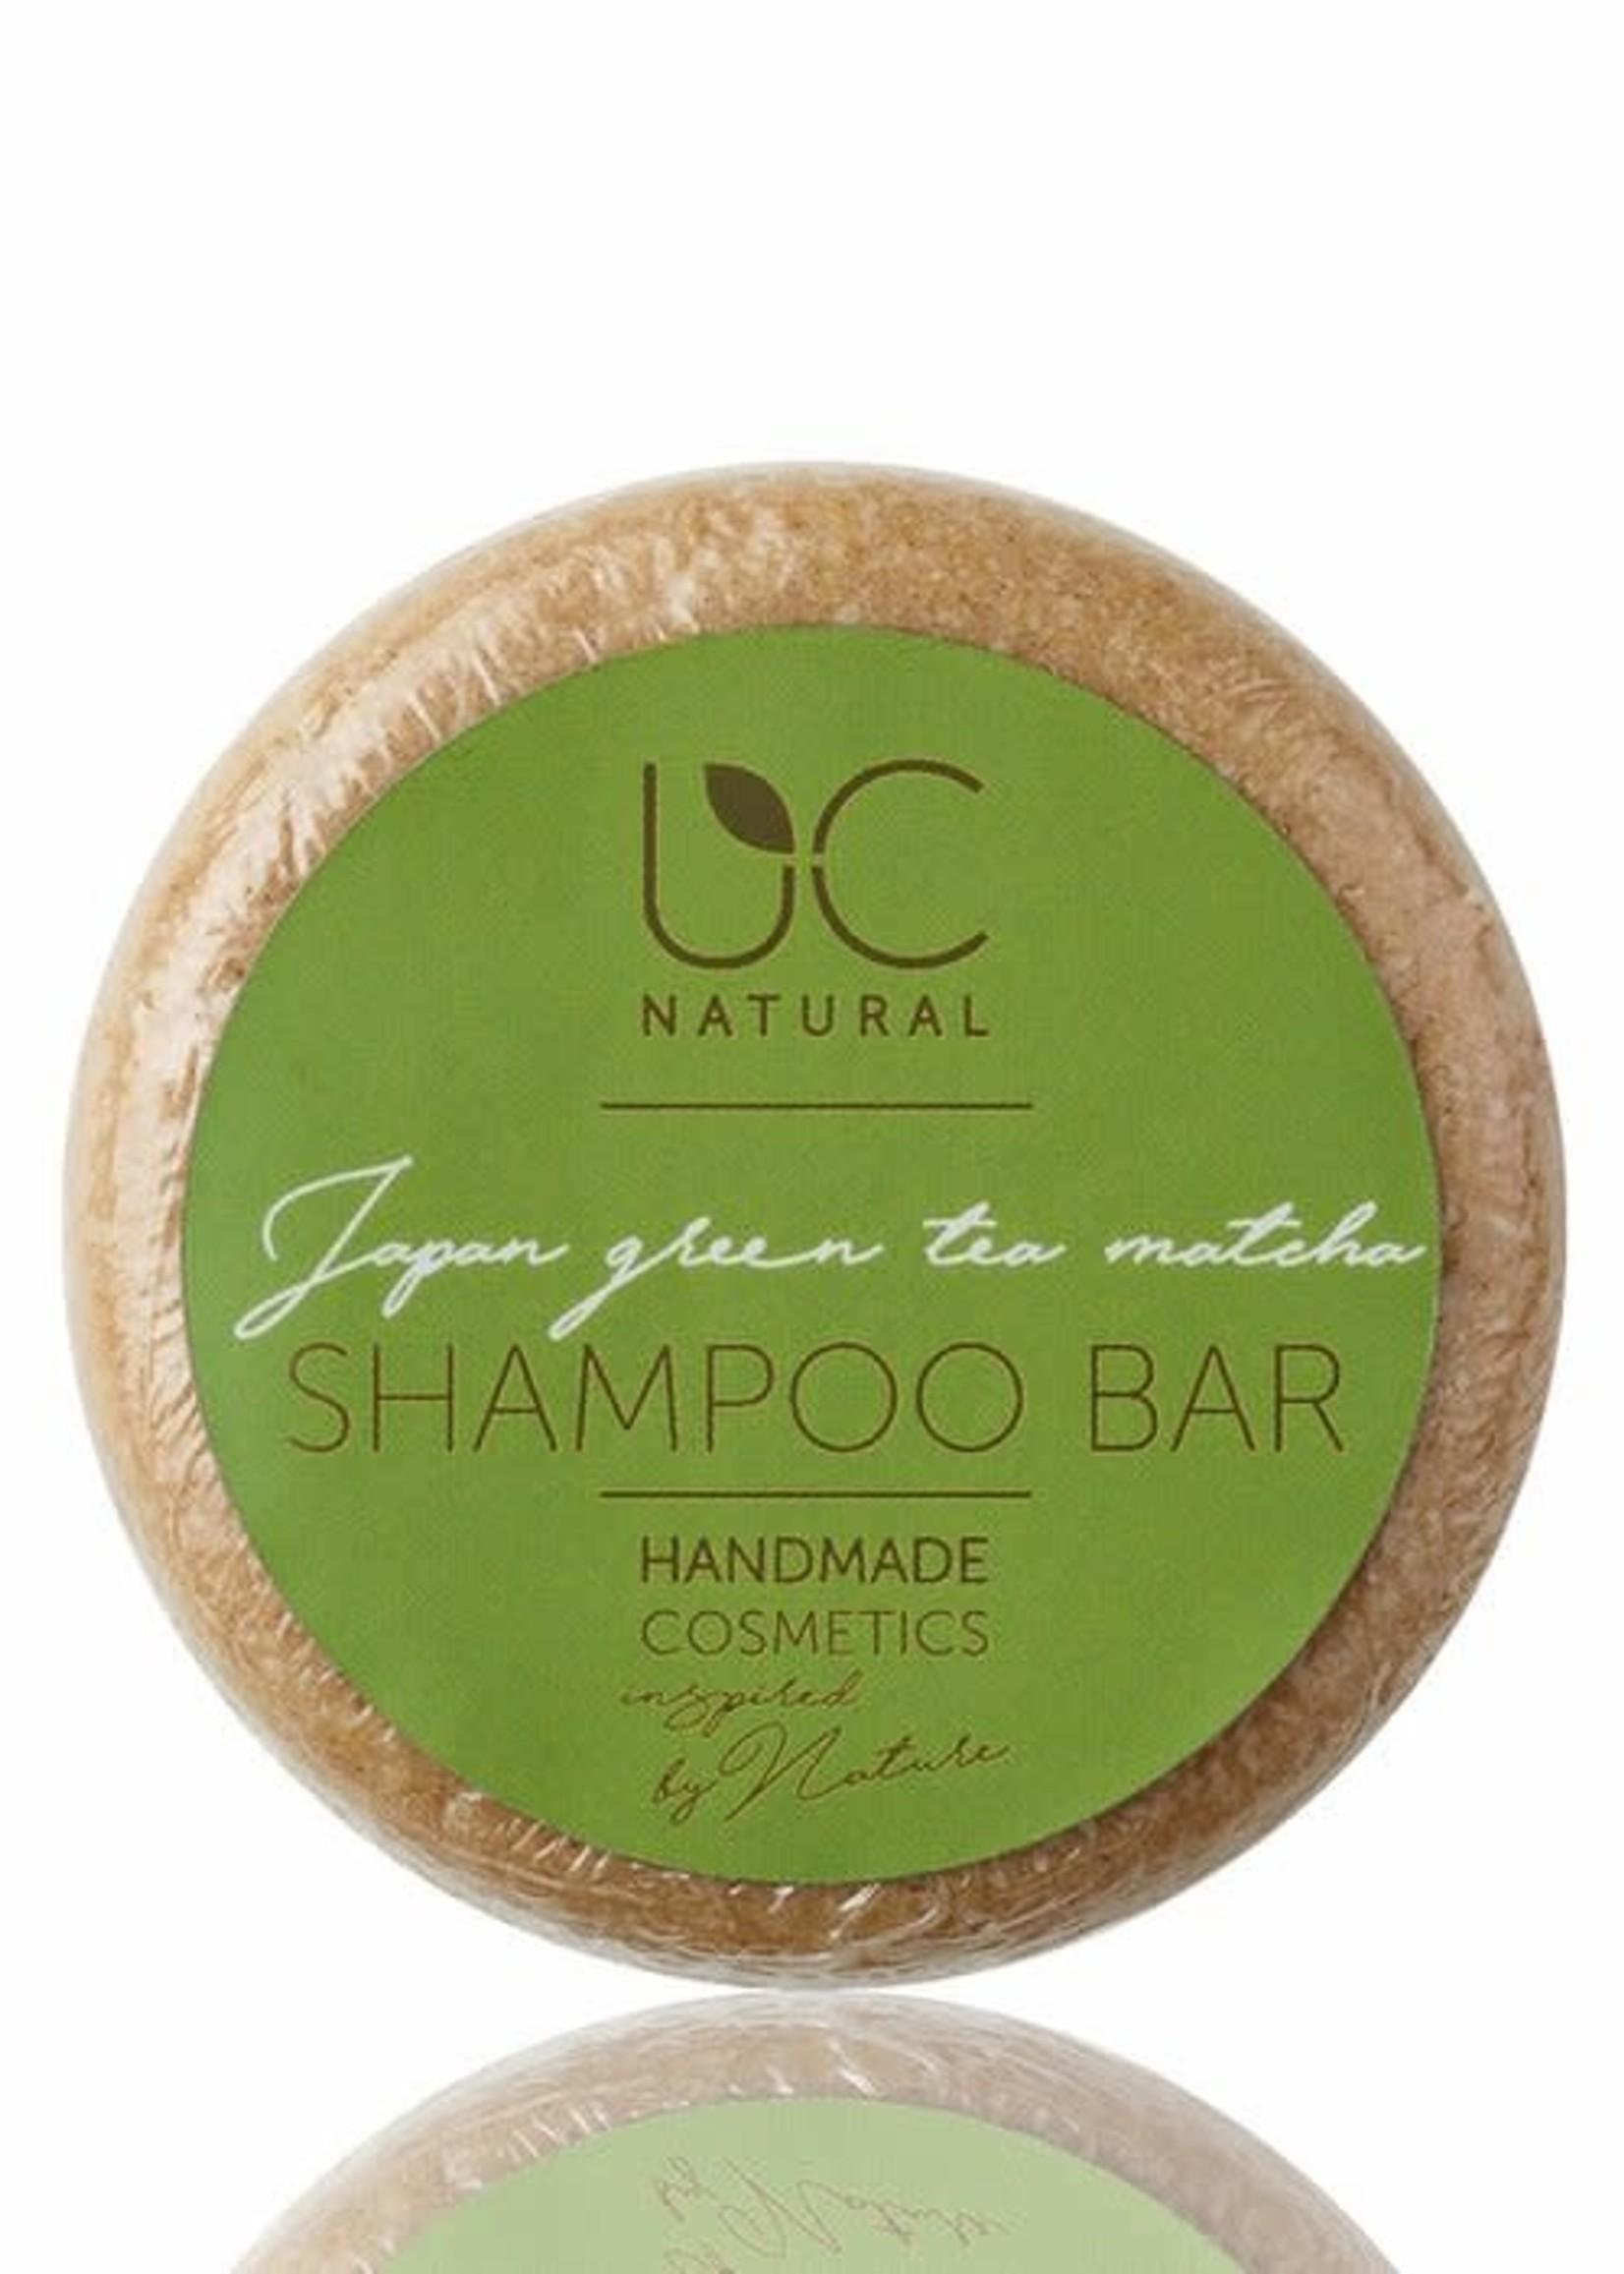 UC Naturel UC Natural - Shampoo Bar -Japan Green Tea Matcha